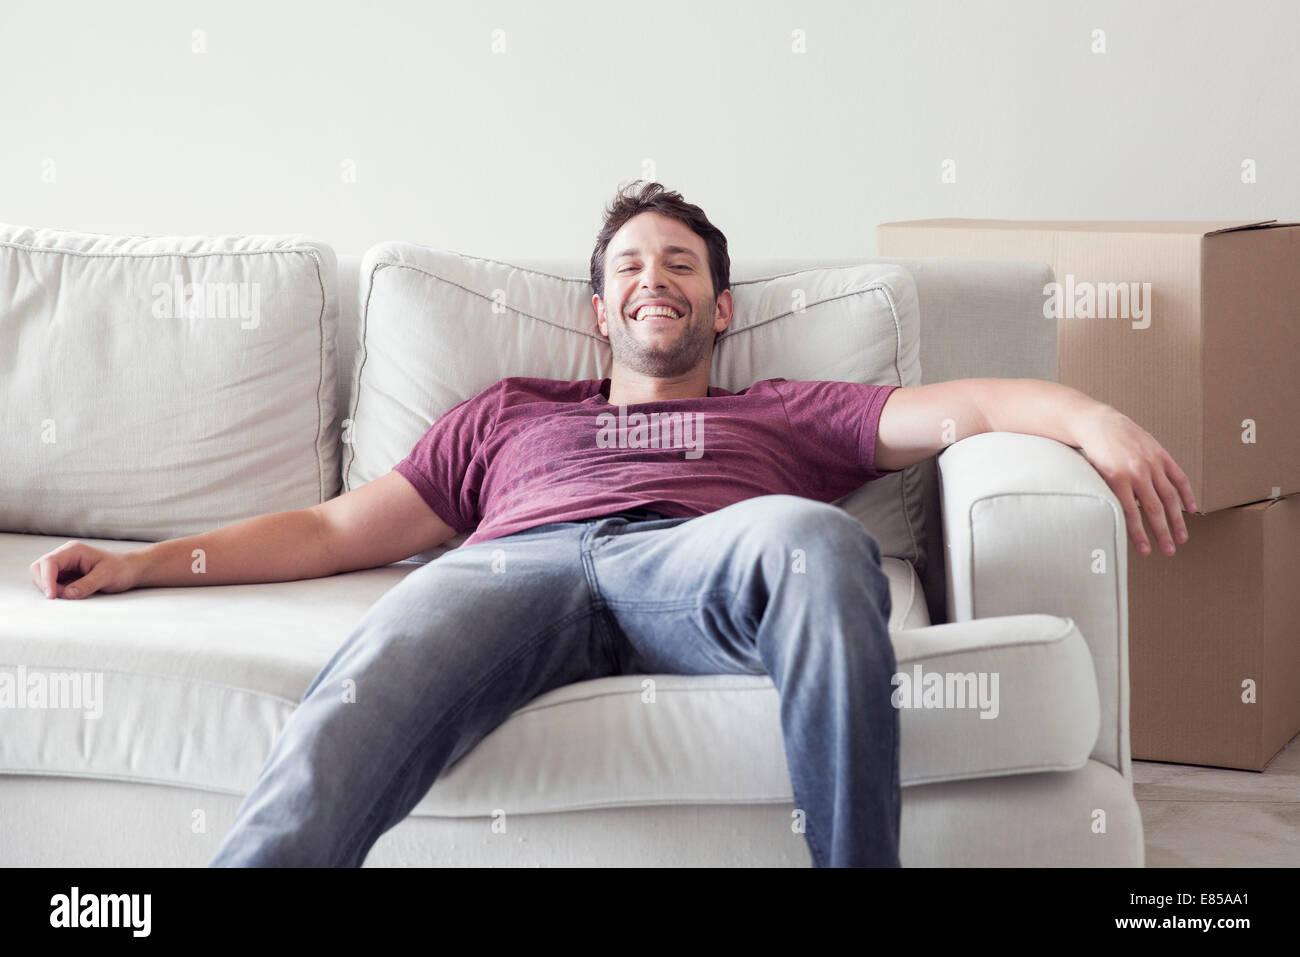 Mann auf Sofa beim Umzug Stockbild